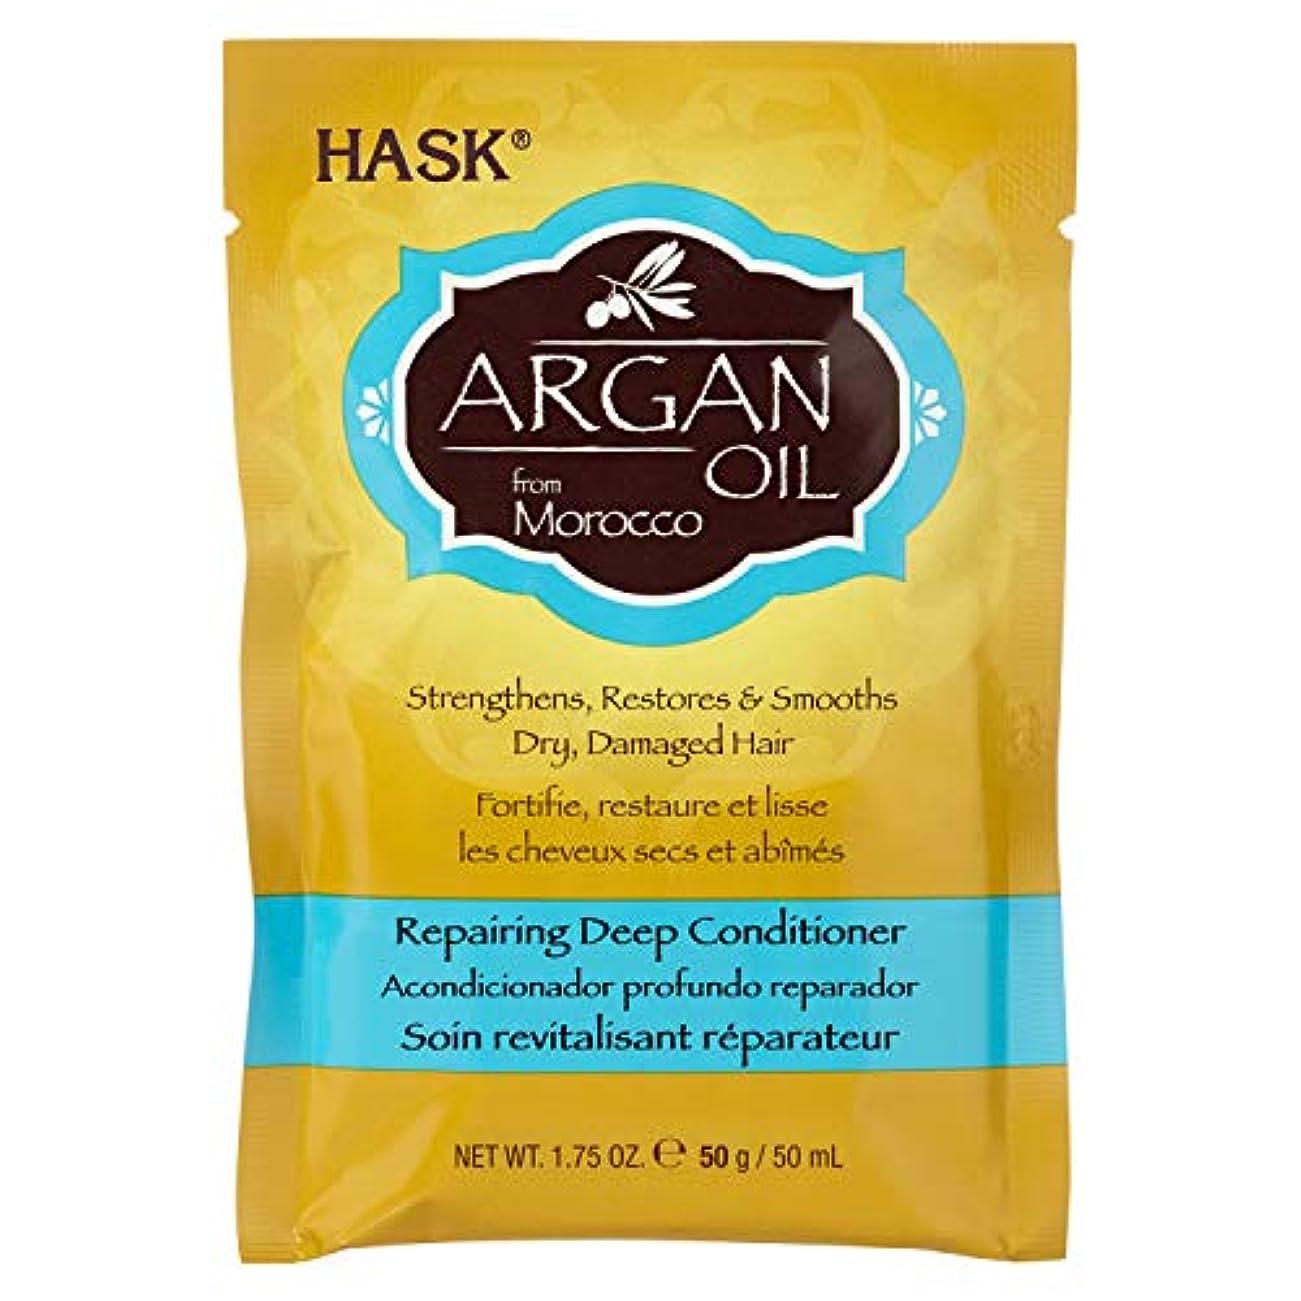 晴れ検索エンジンマーケティング楽しいHASK アルガンオイル ダメージケア ディープコンディショナー 50g